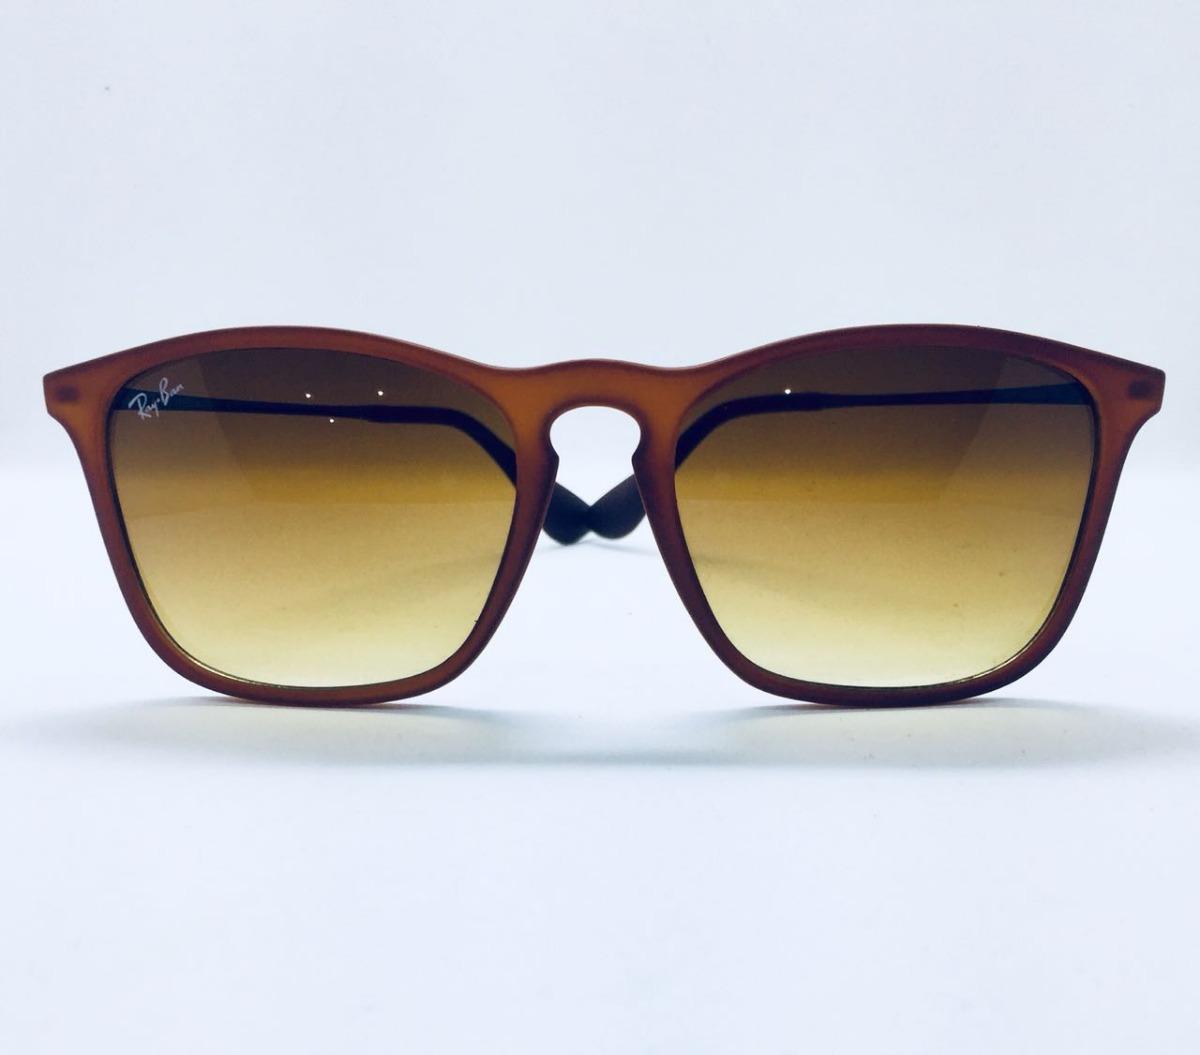 026745ecec7e1 Óculos Ray Ban Chris Rb 4187 Original Várias Cores - R  277,00 em Mercado  Livre